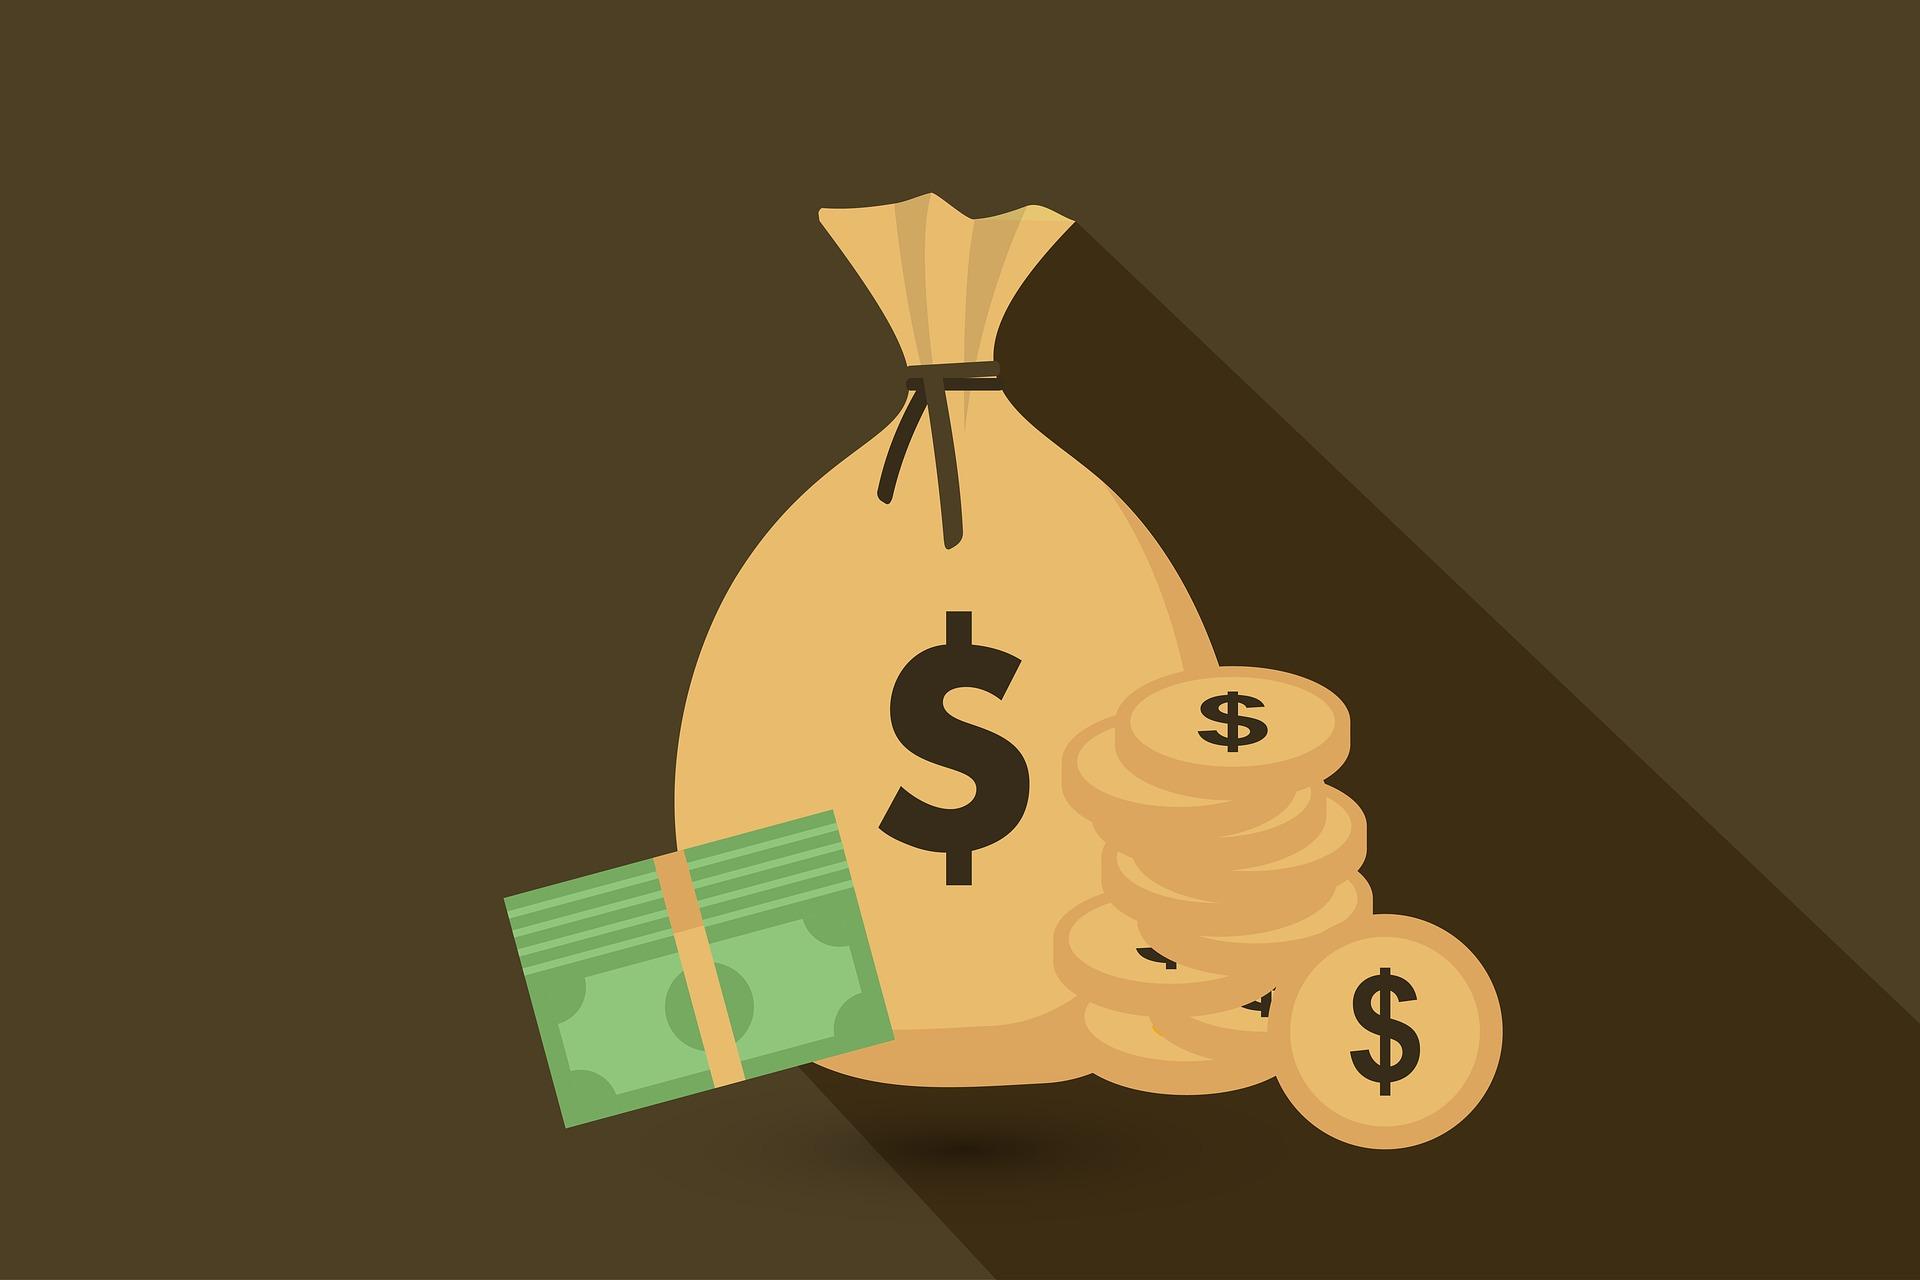 womit kann man am besten geld verdienen